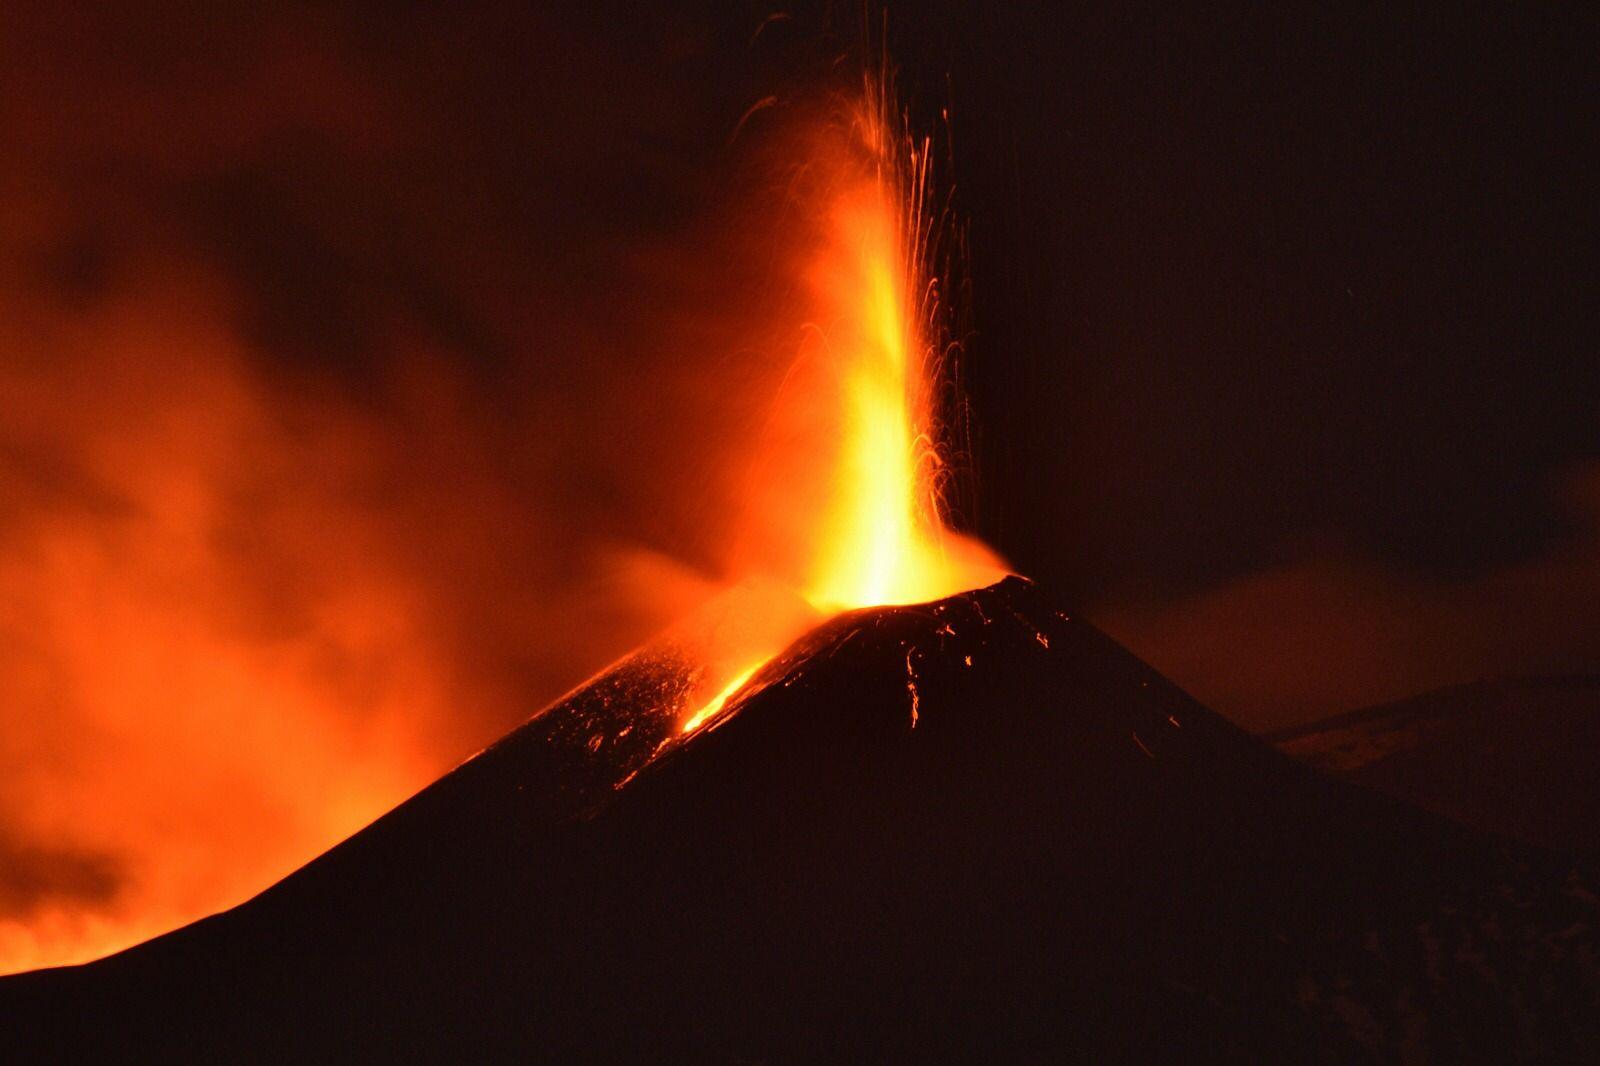 ++ Emergenza Etna. Notizie in aggiornamento ++